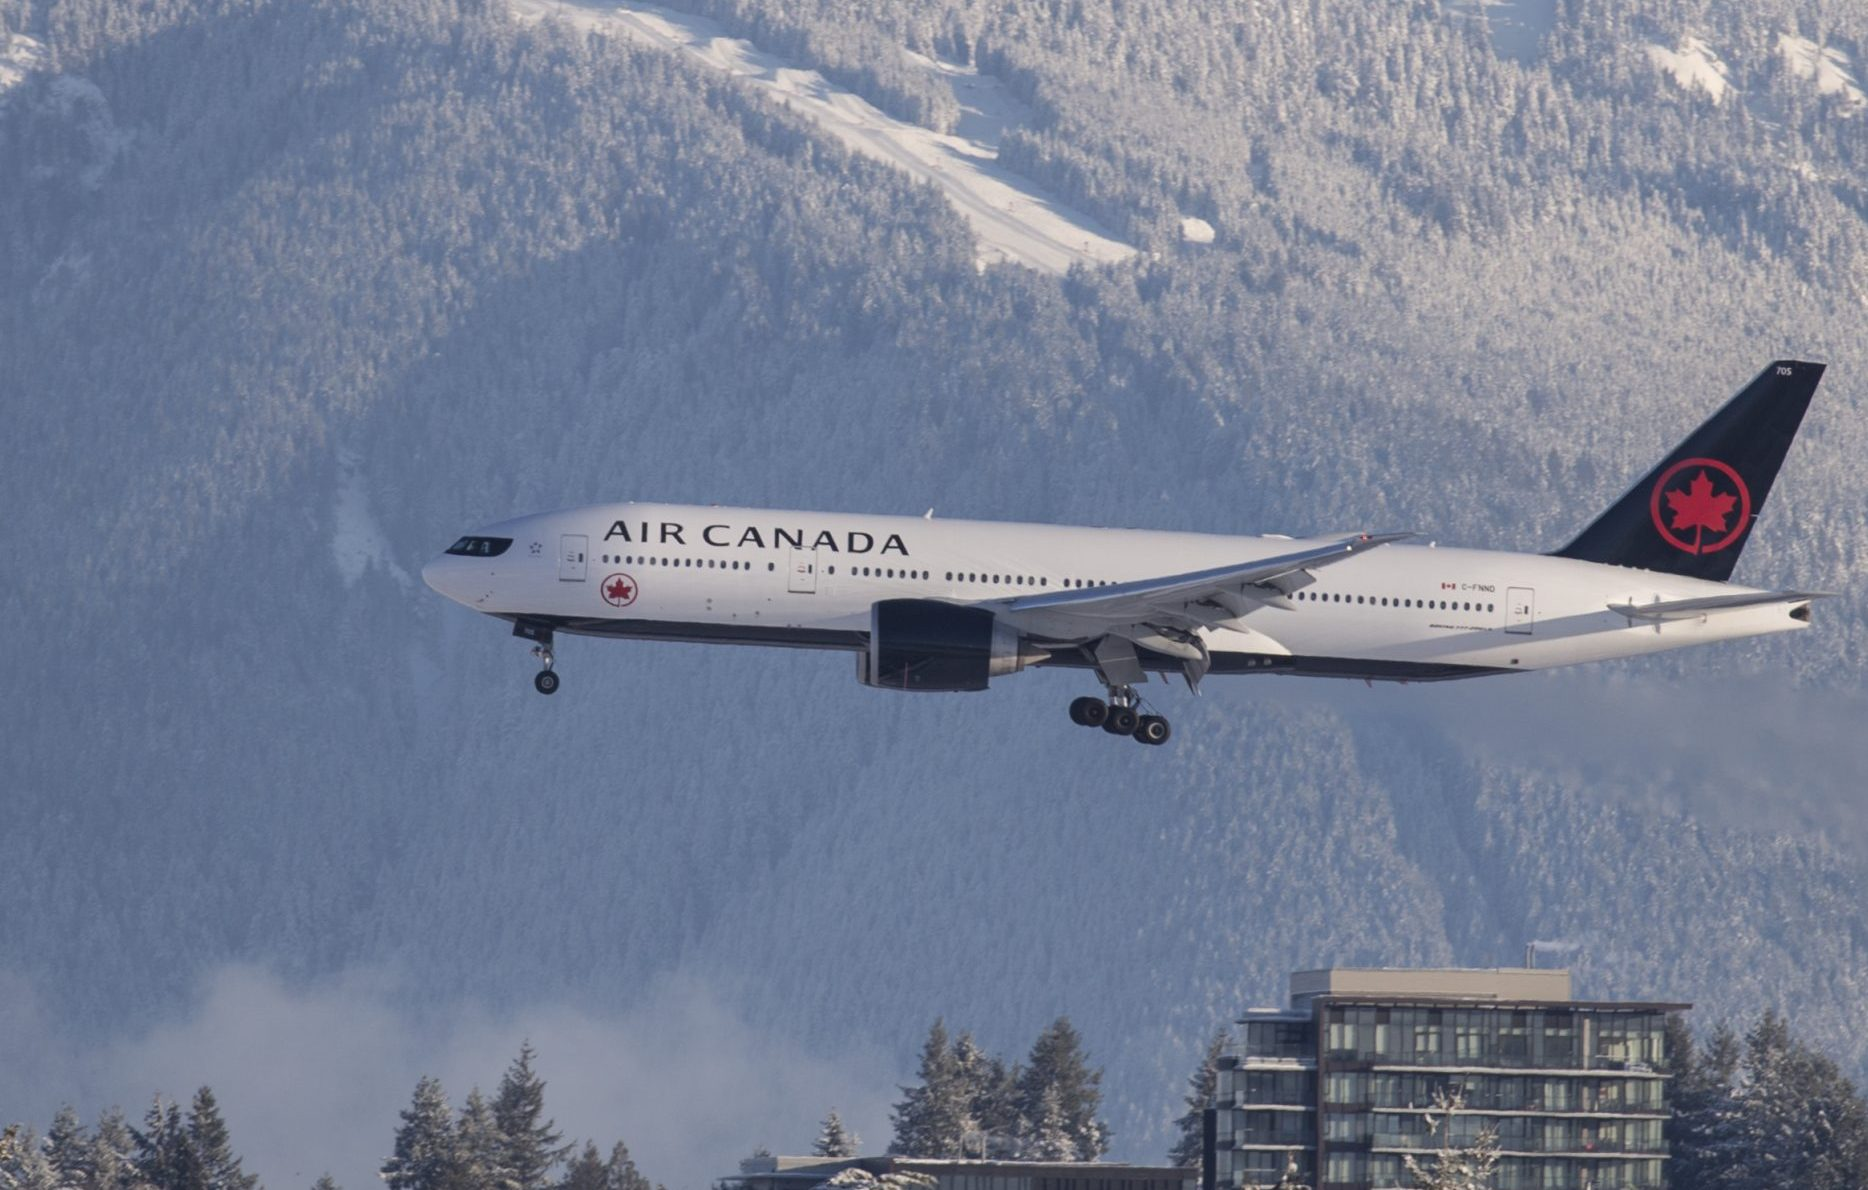 En Boeing B777-200LR fra Air Canada, der nu kraftigt øger betjeningen af USA. Air Canada håber på genoptagelse af passagerrute til København. Arkivpressefoto fra Air Canada.